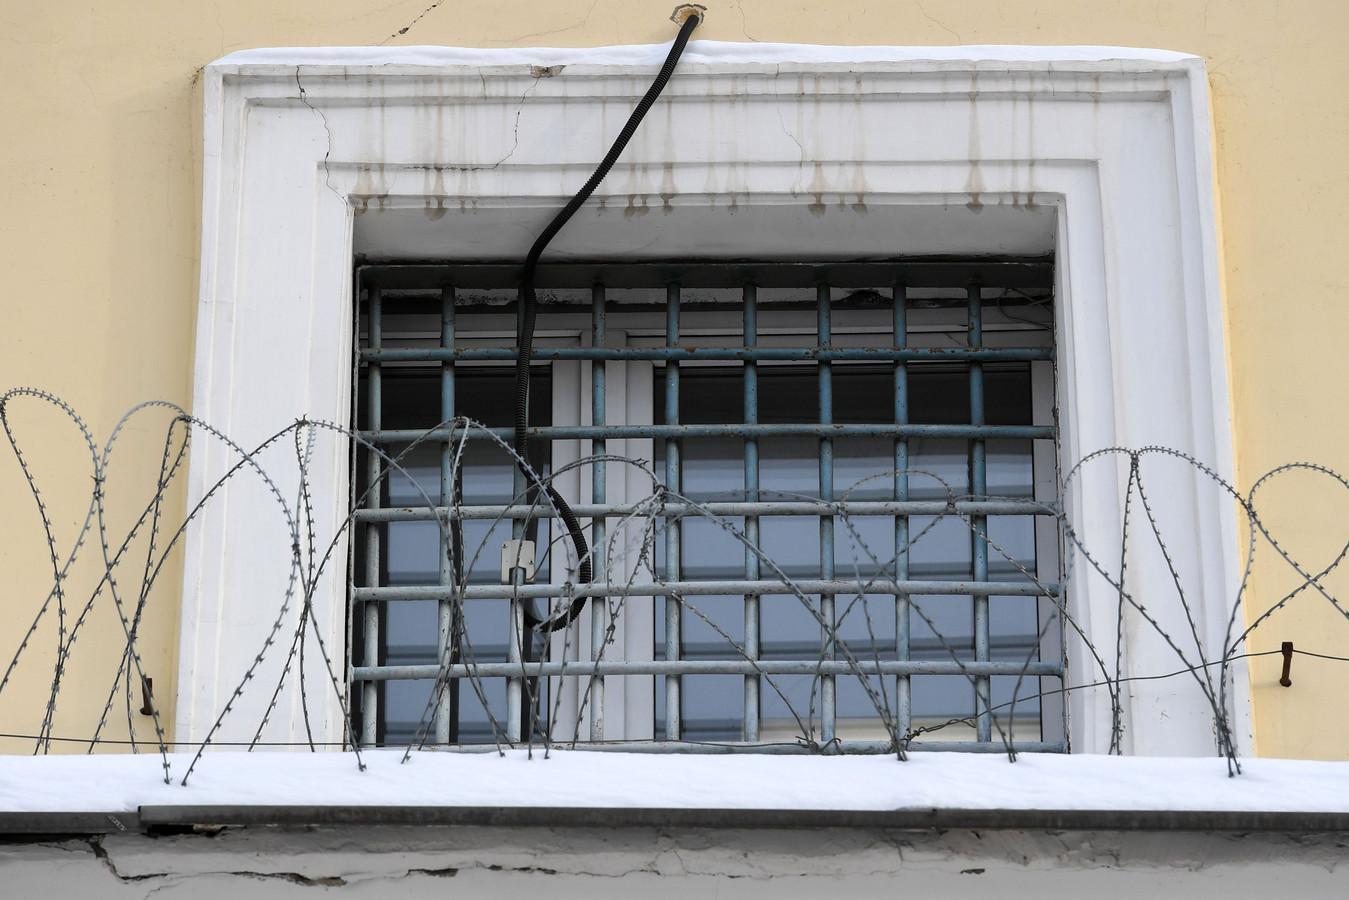 Une photo prise le 19 janvier 2021 montre le centre pénitentiaire numéro 1 de Moscou, connu sous le nom de Matrosskaya Tishina.